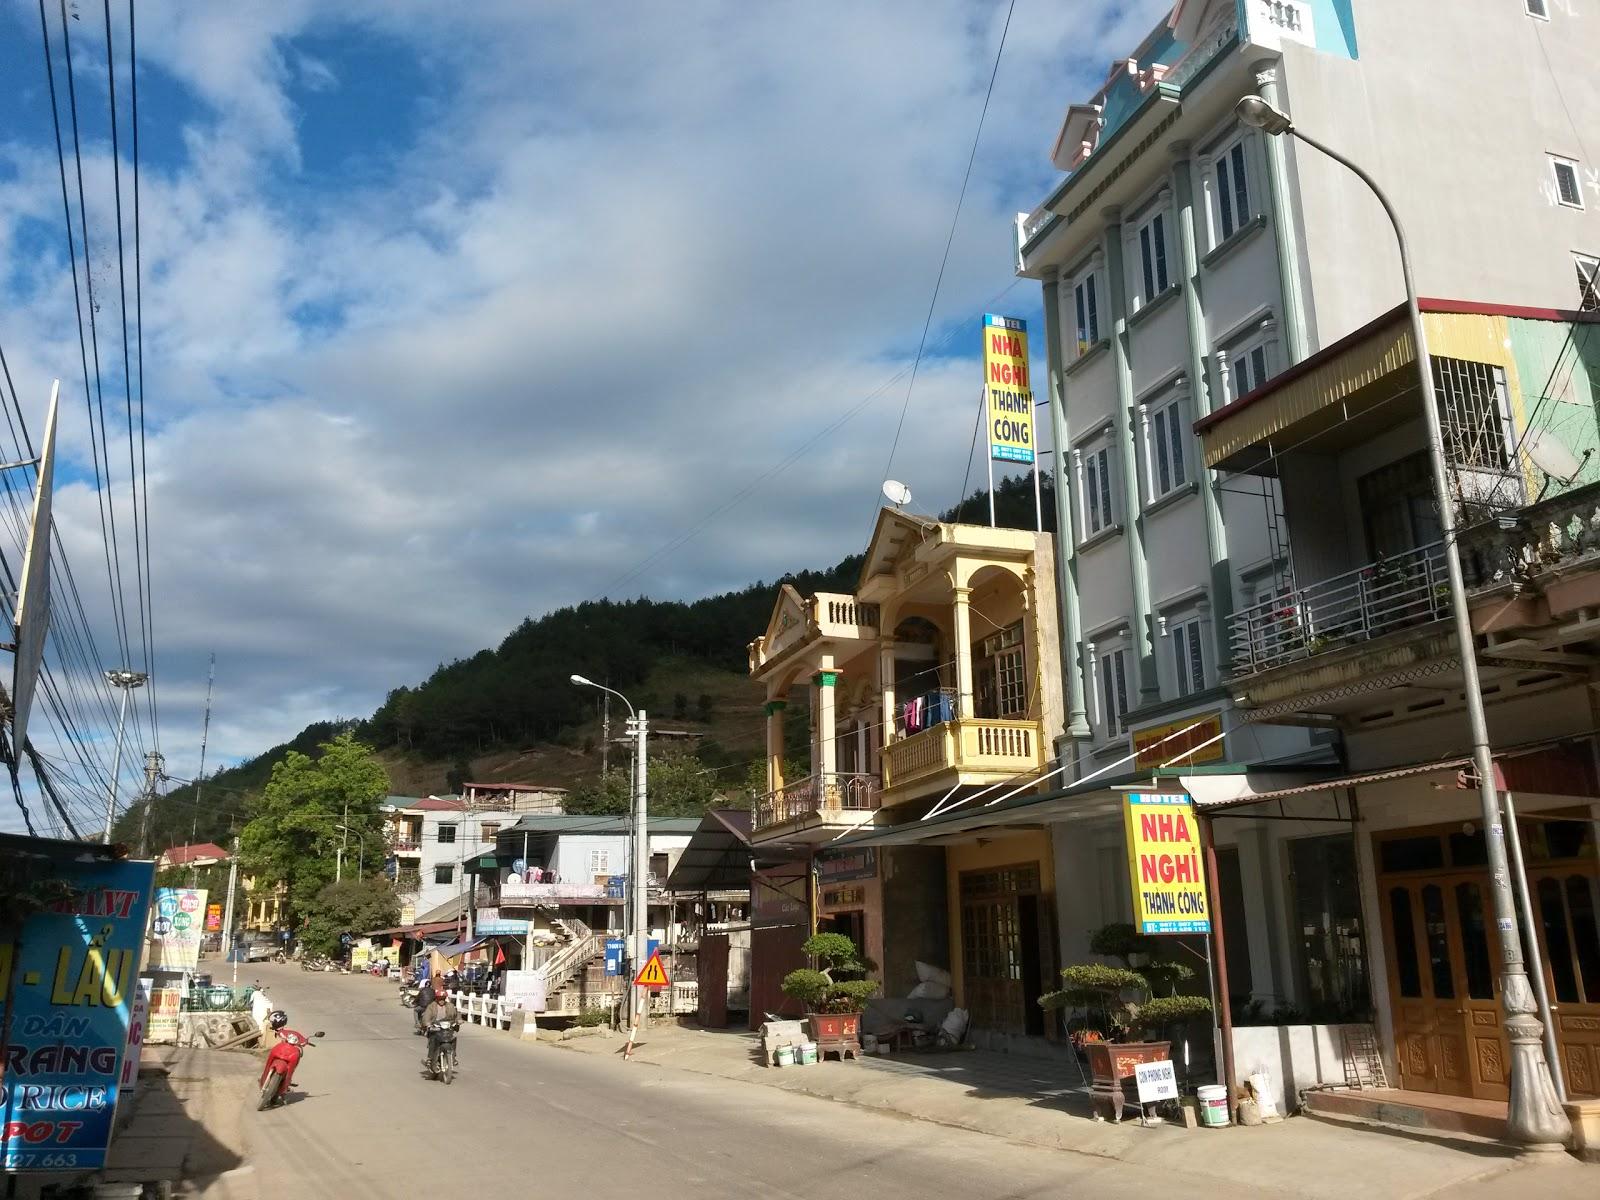 Khách sạn Thành Công - Trung tâm thị trấn Mù Cang Chải